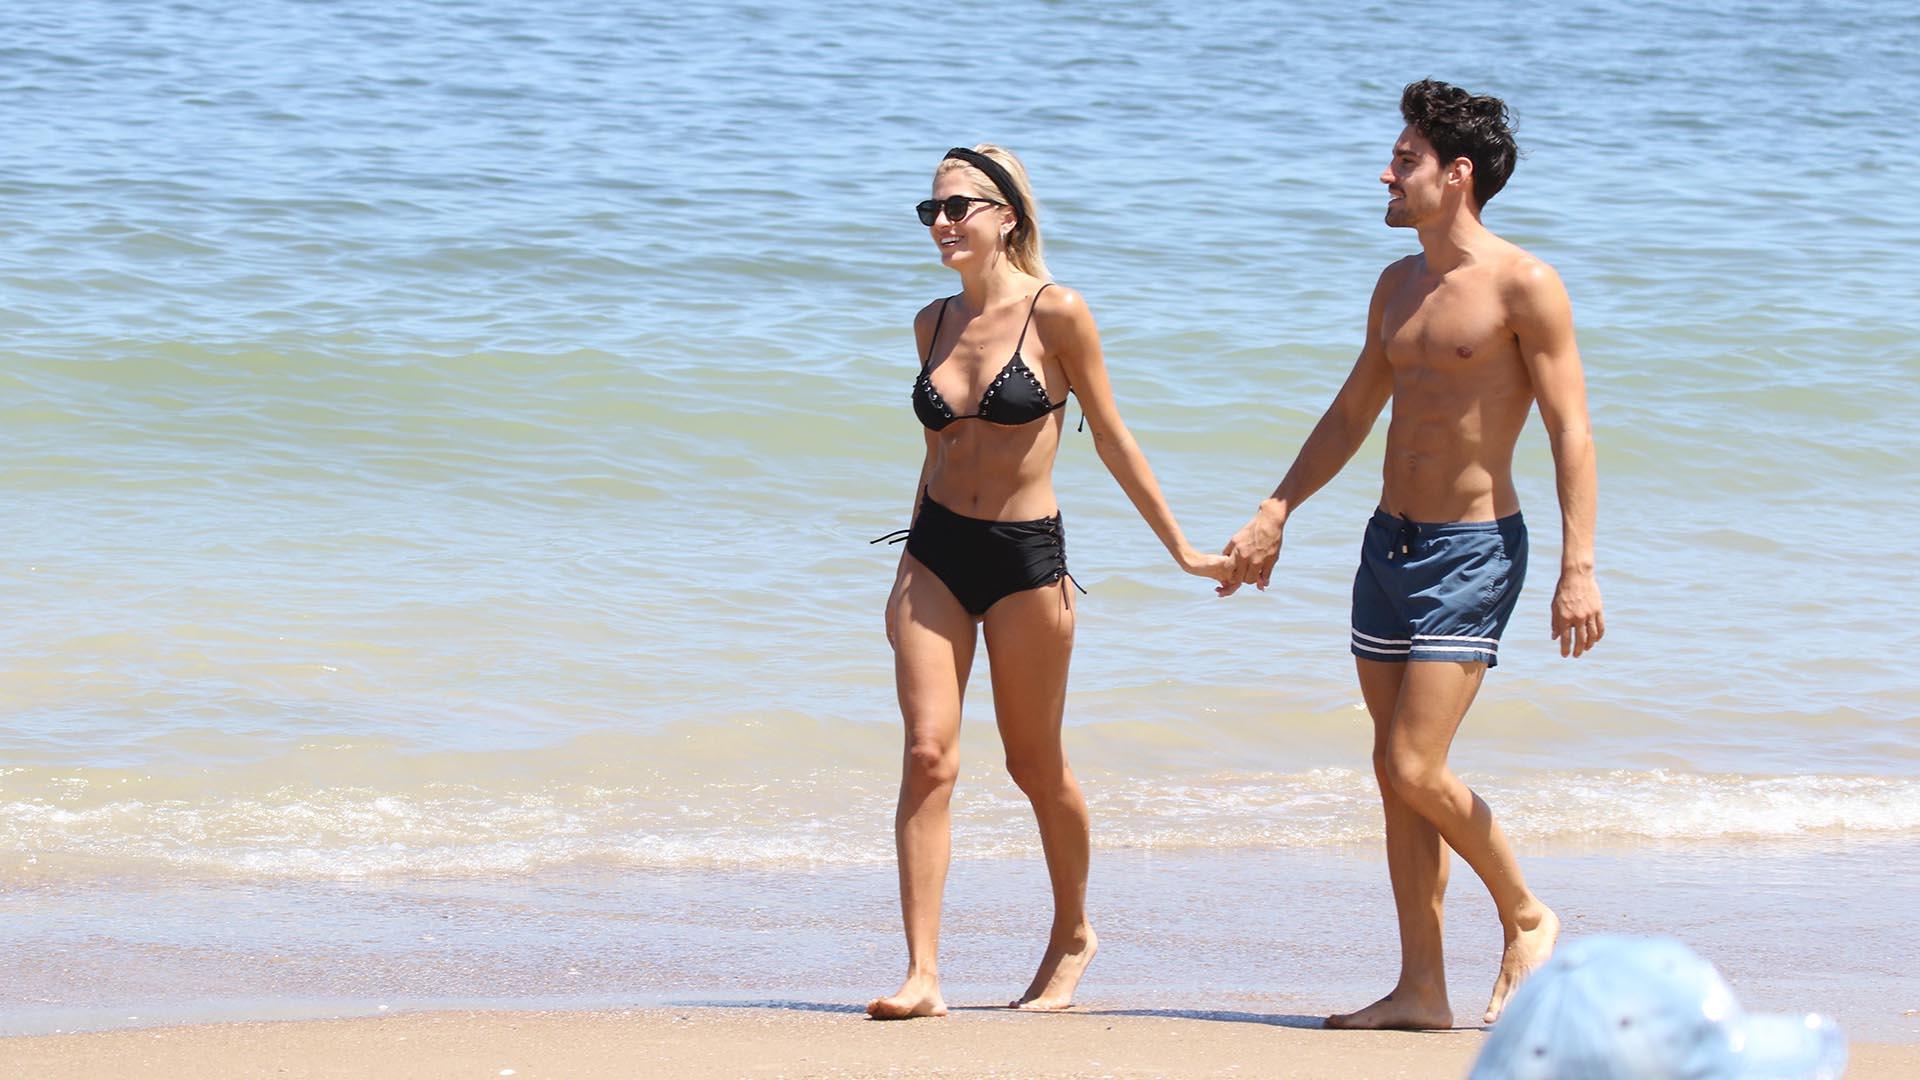 En diciembre pasado, la hija de Oscar Ruggeri blanqueó su noviazgo con el joven emprendedor ligado al mundo del deporte